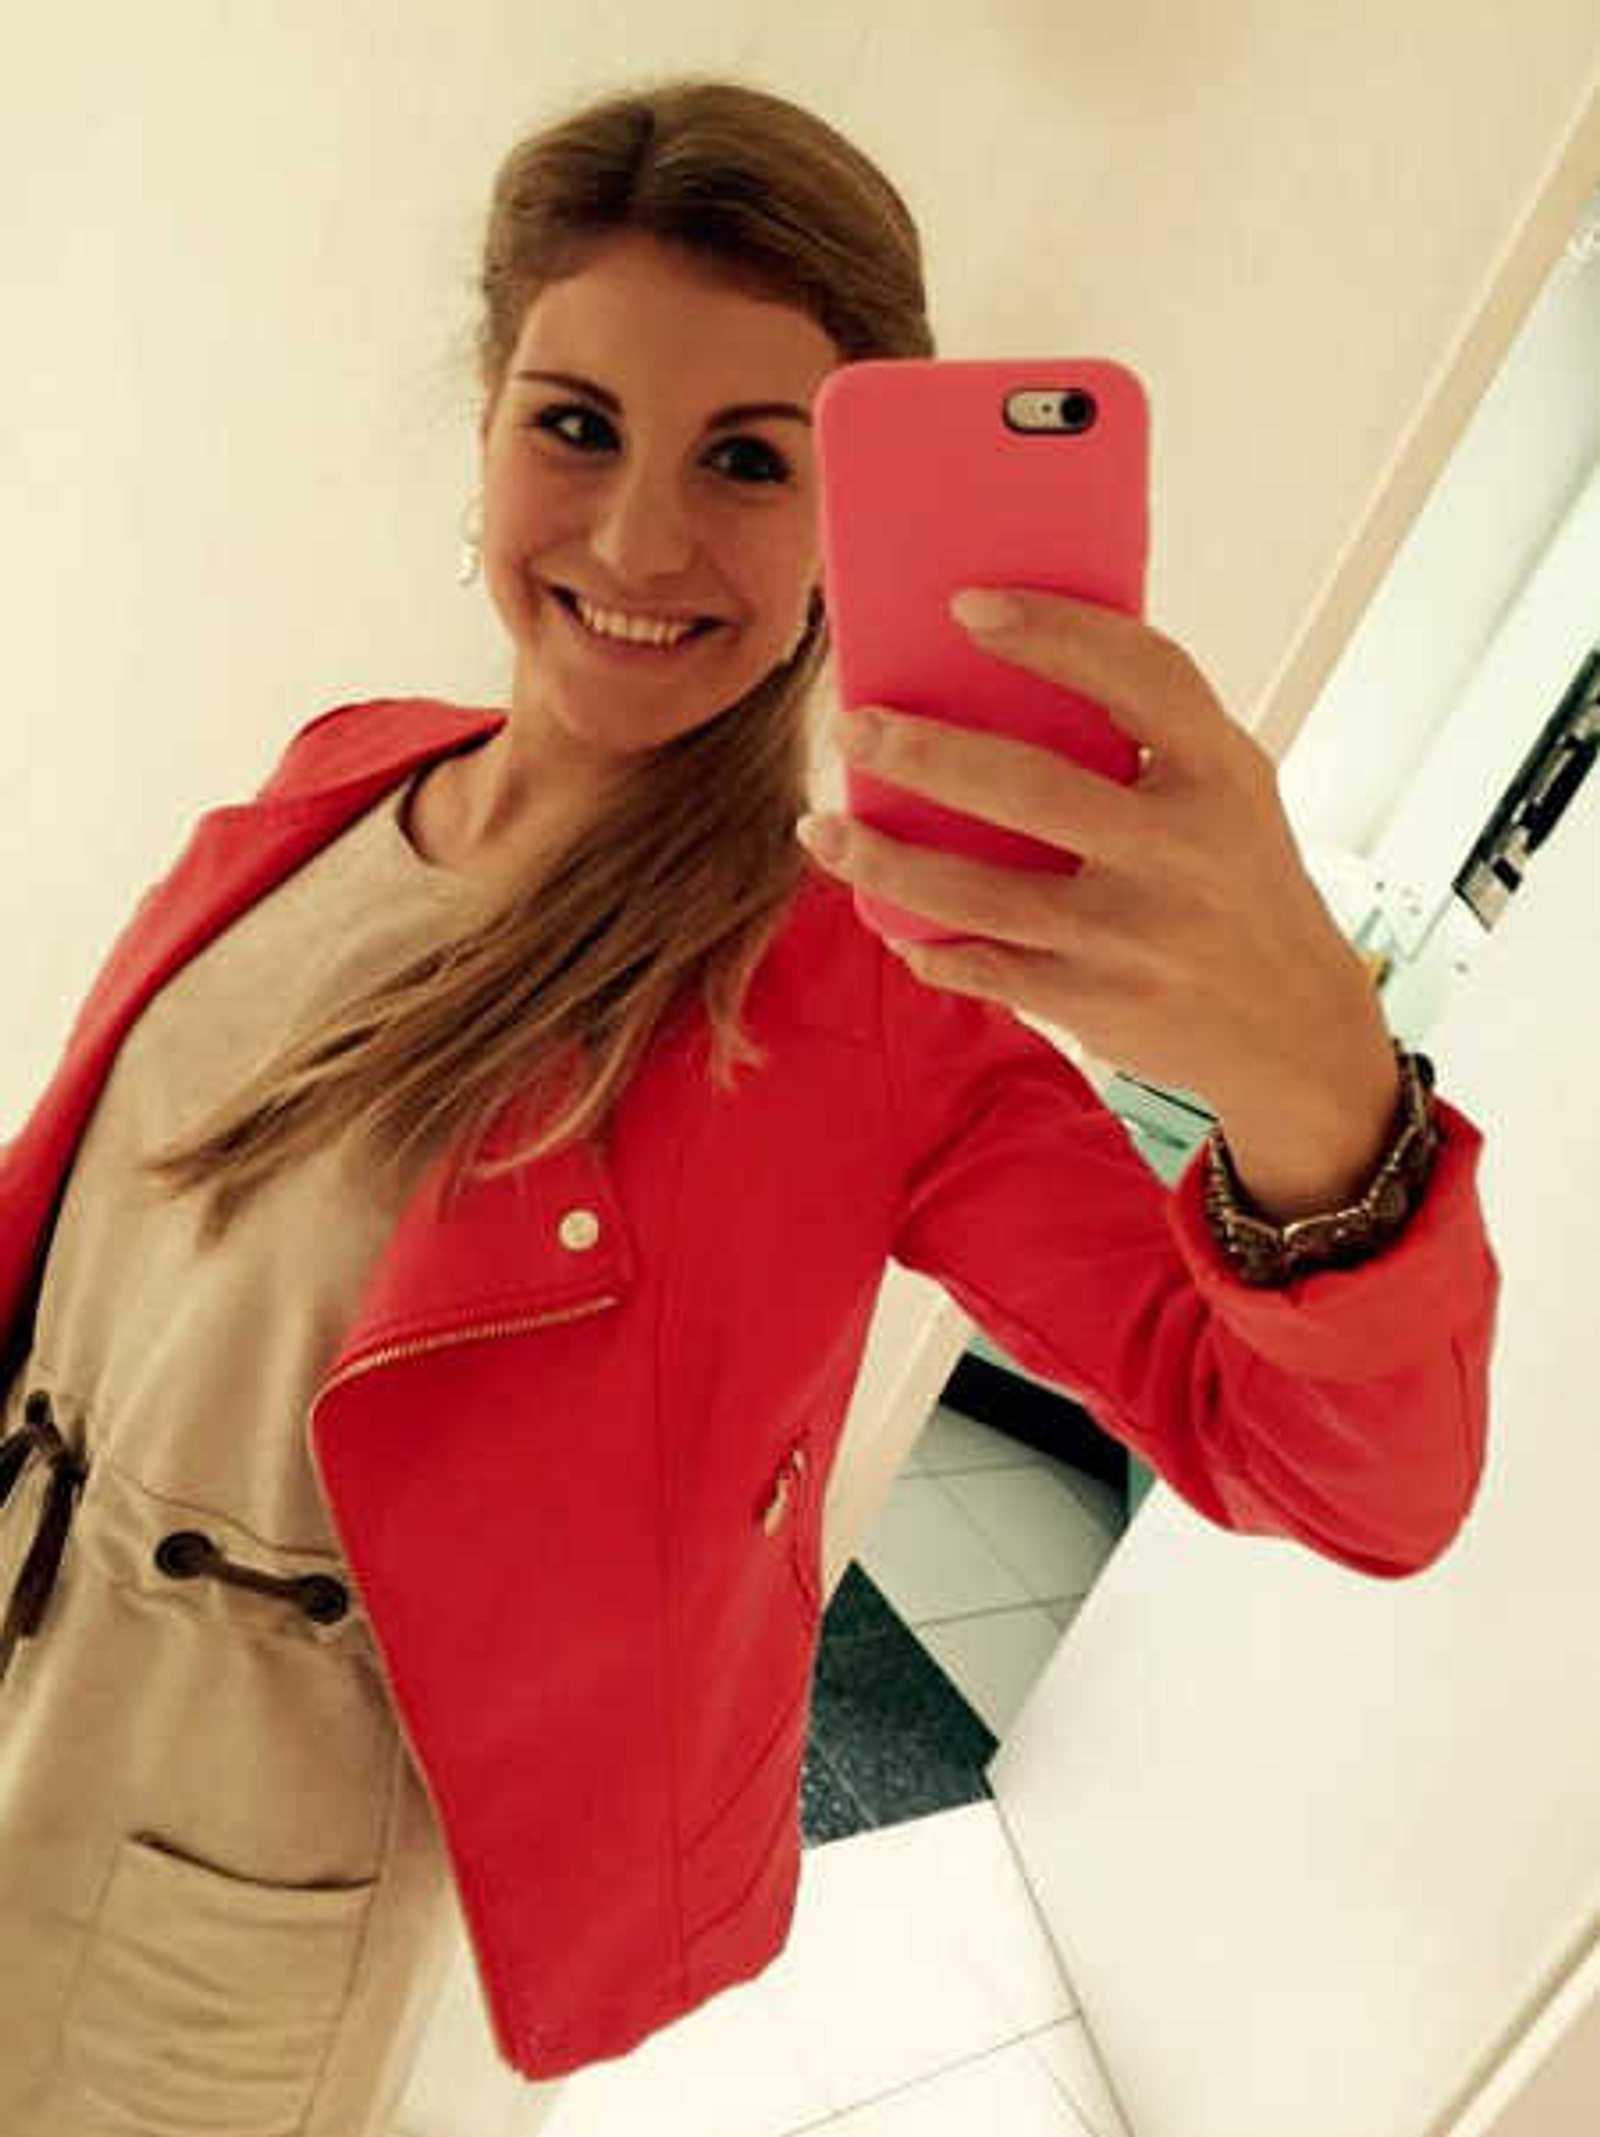 Hot Banditoz Stefanie Schanzleh